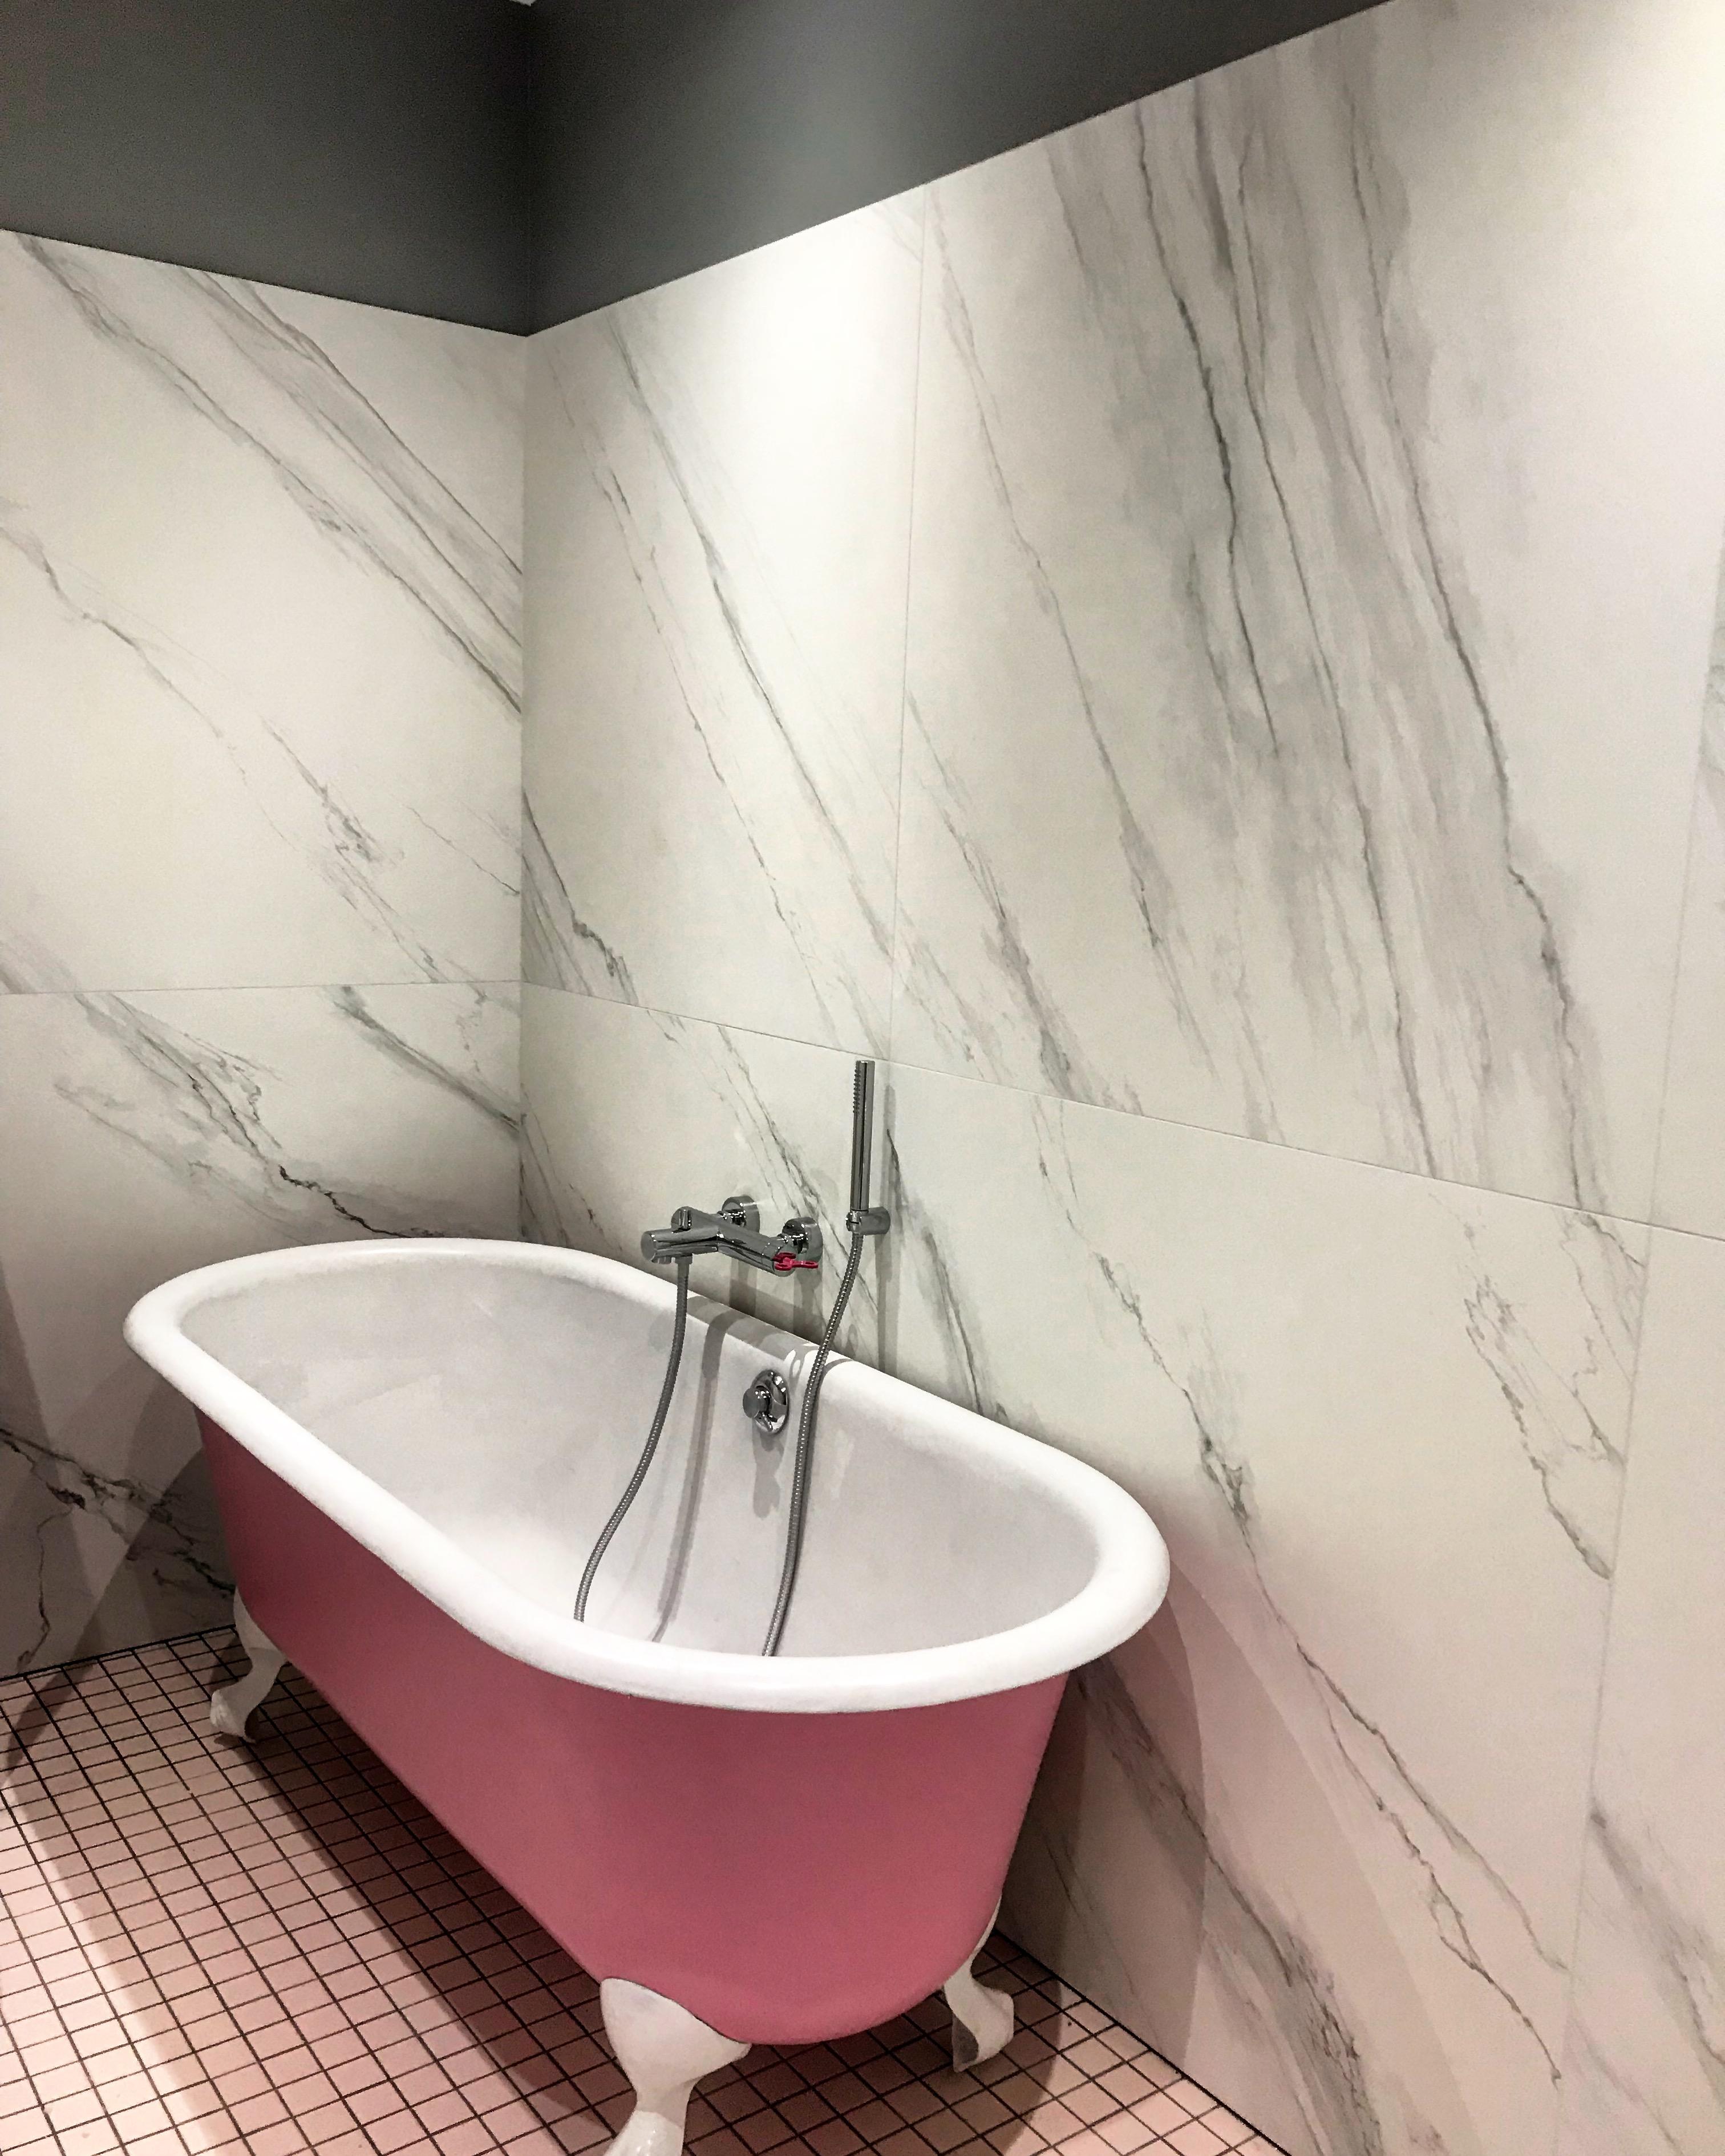 salle de bain rose et marbre